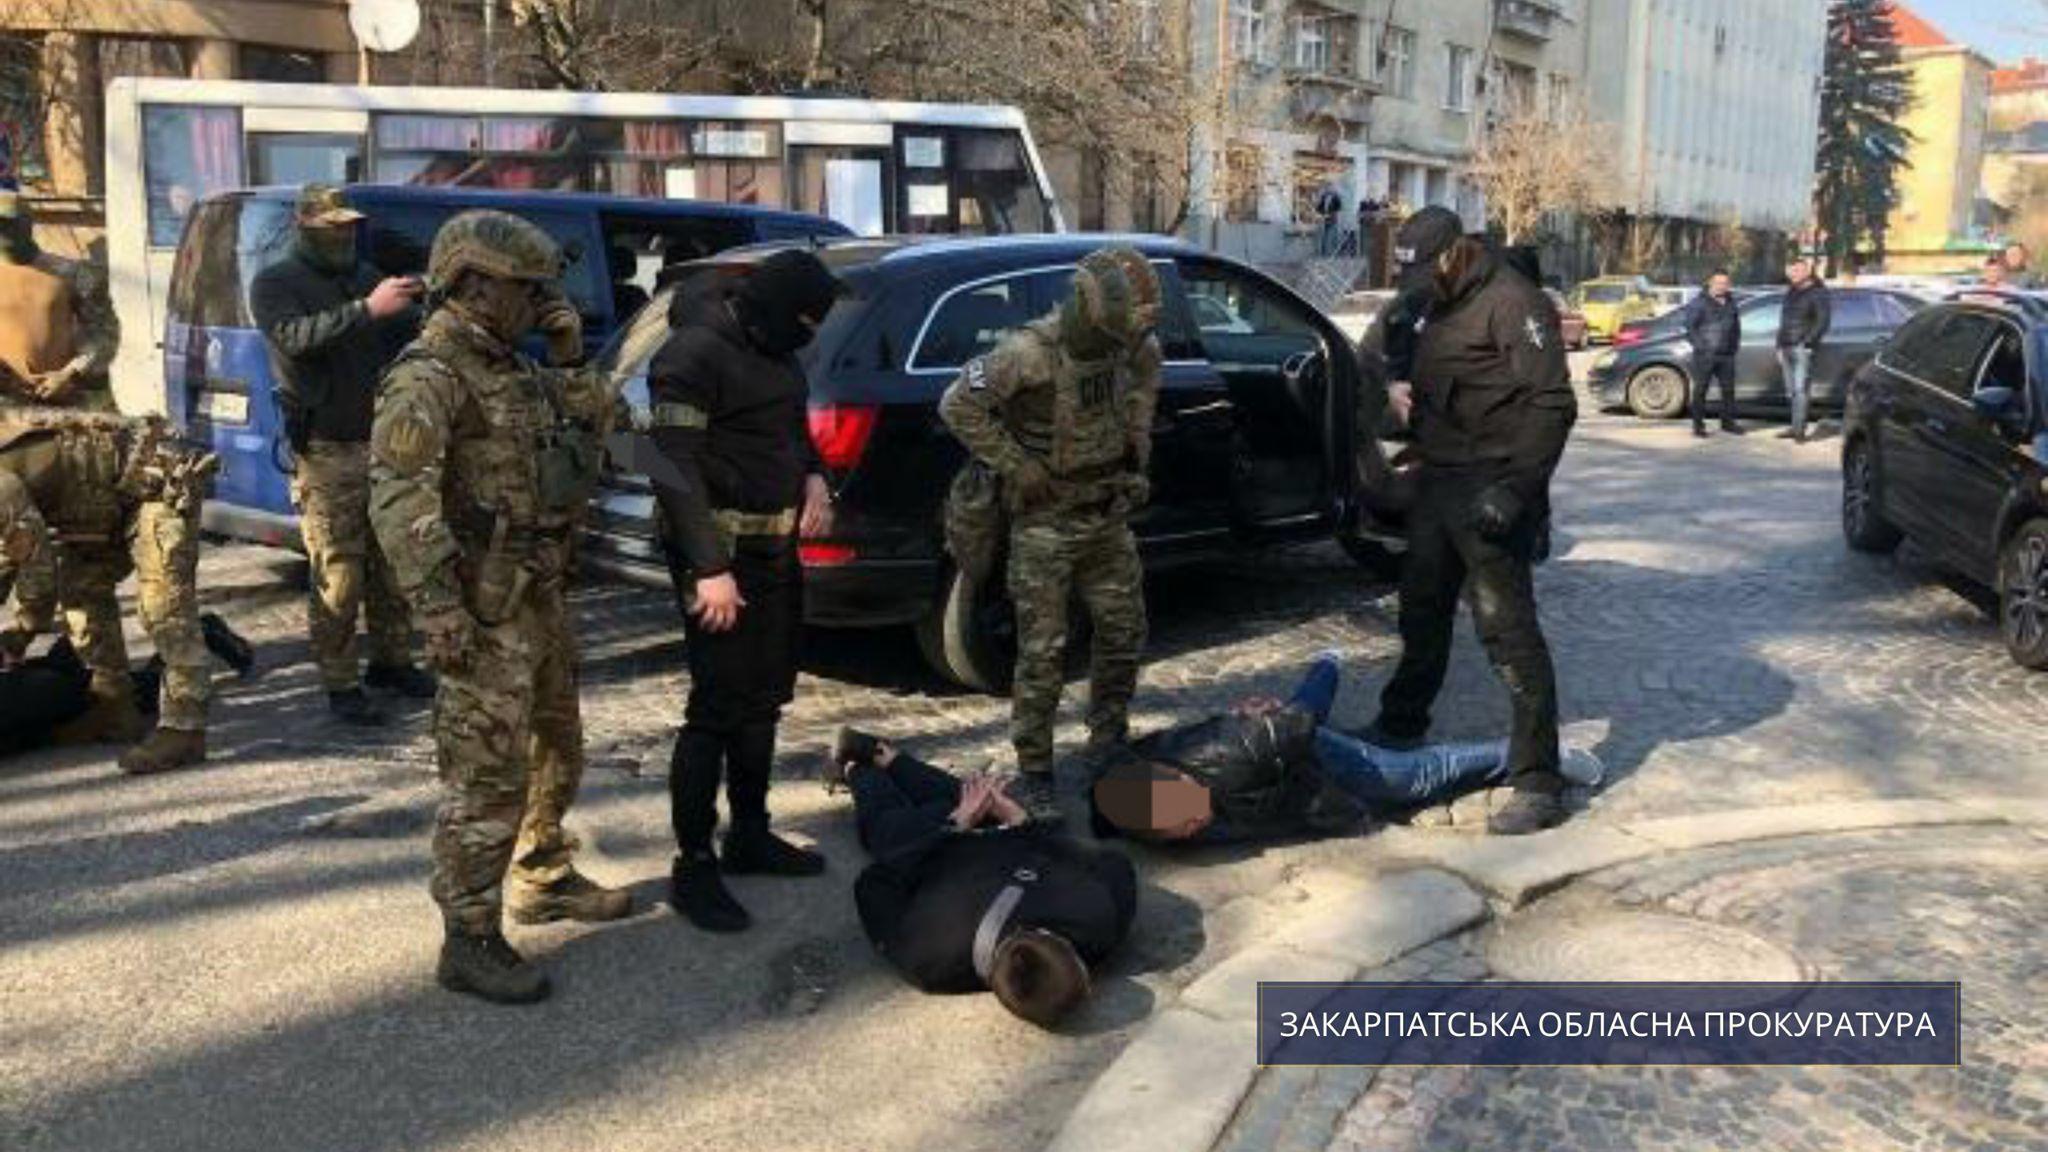 Мукачівський міськрайонний суд визнав винними та засудив до реальної міри покарання чотирьох учасників злочинного угрупування з Мукачева за вимагання.